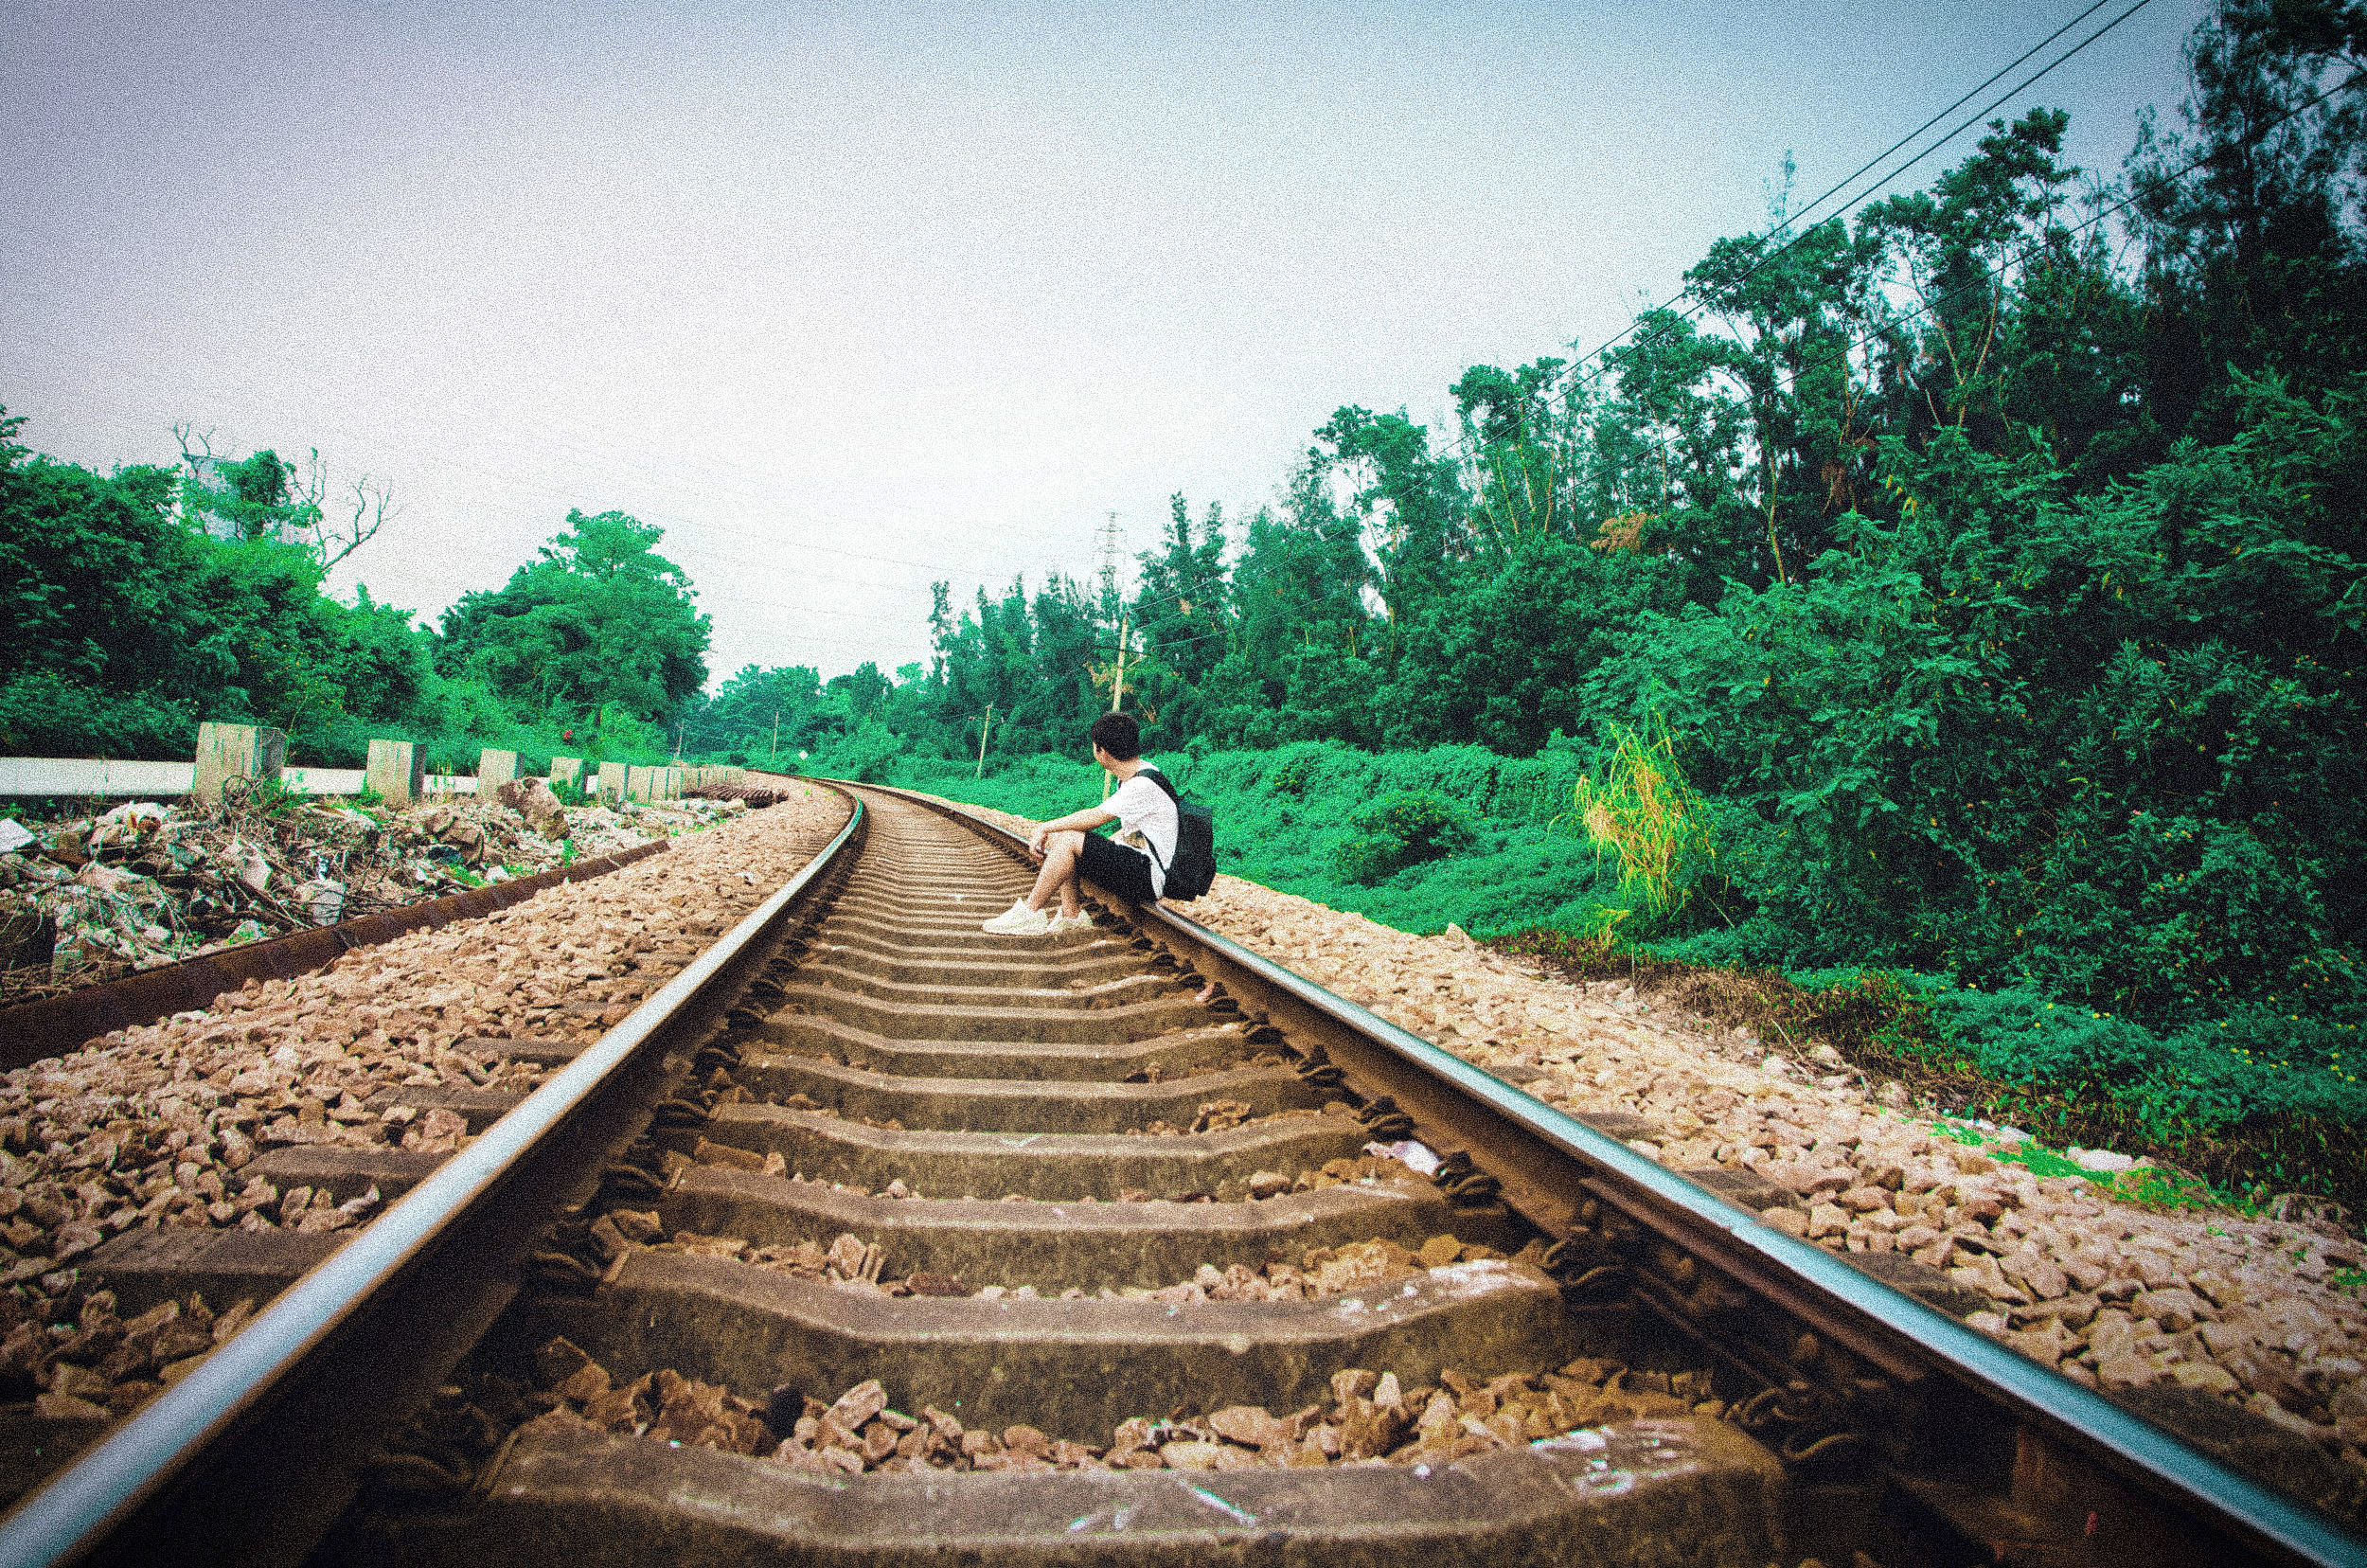 火车铁轨摄影